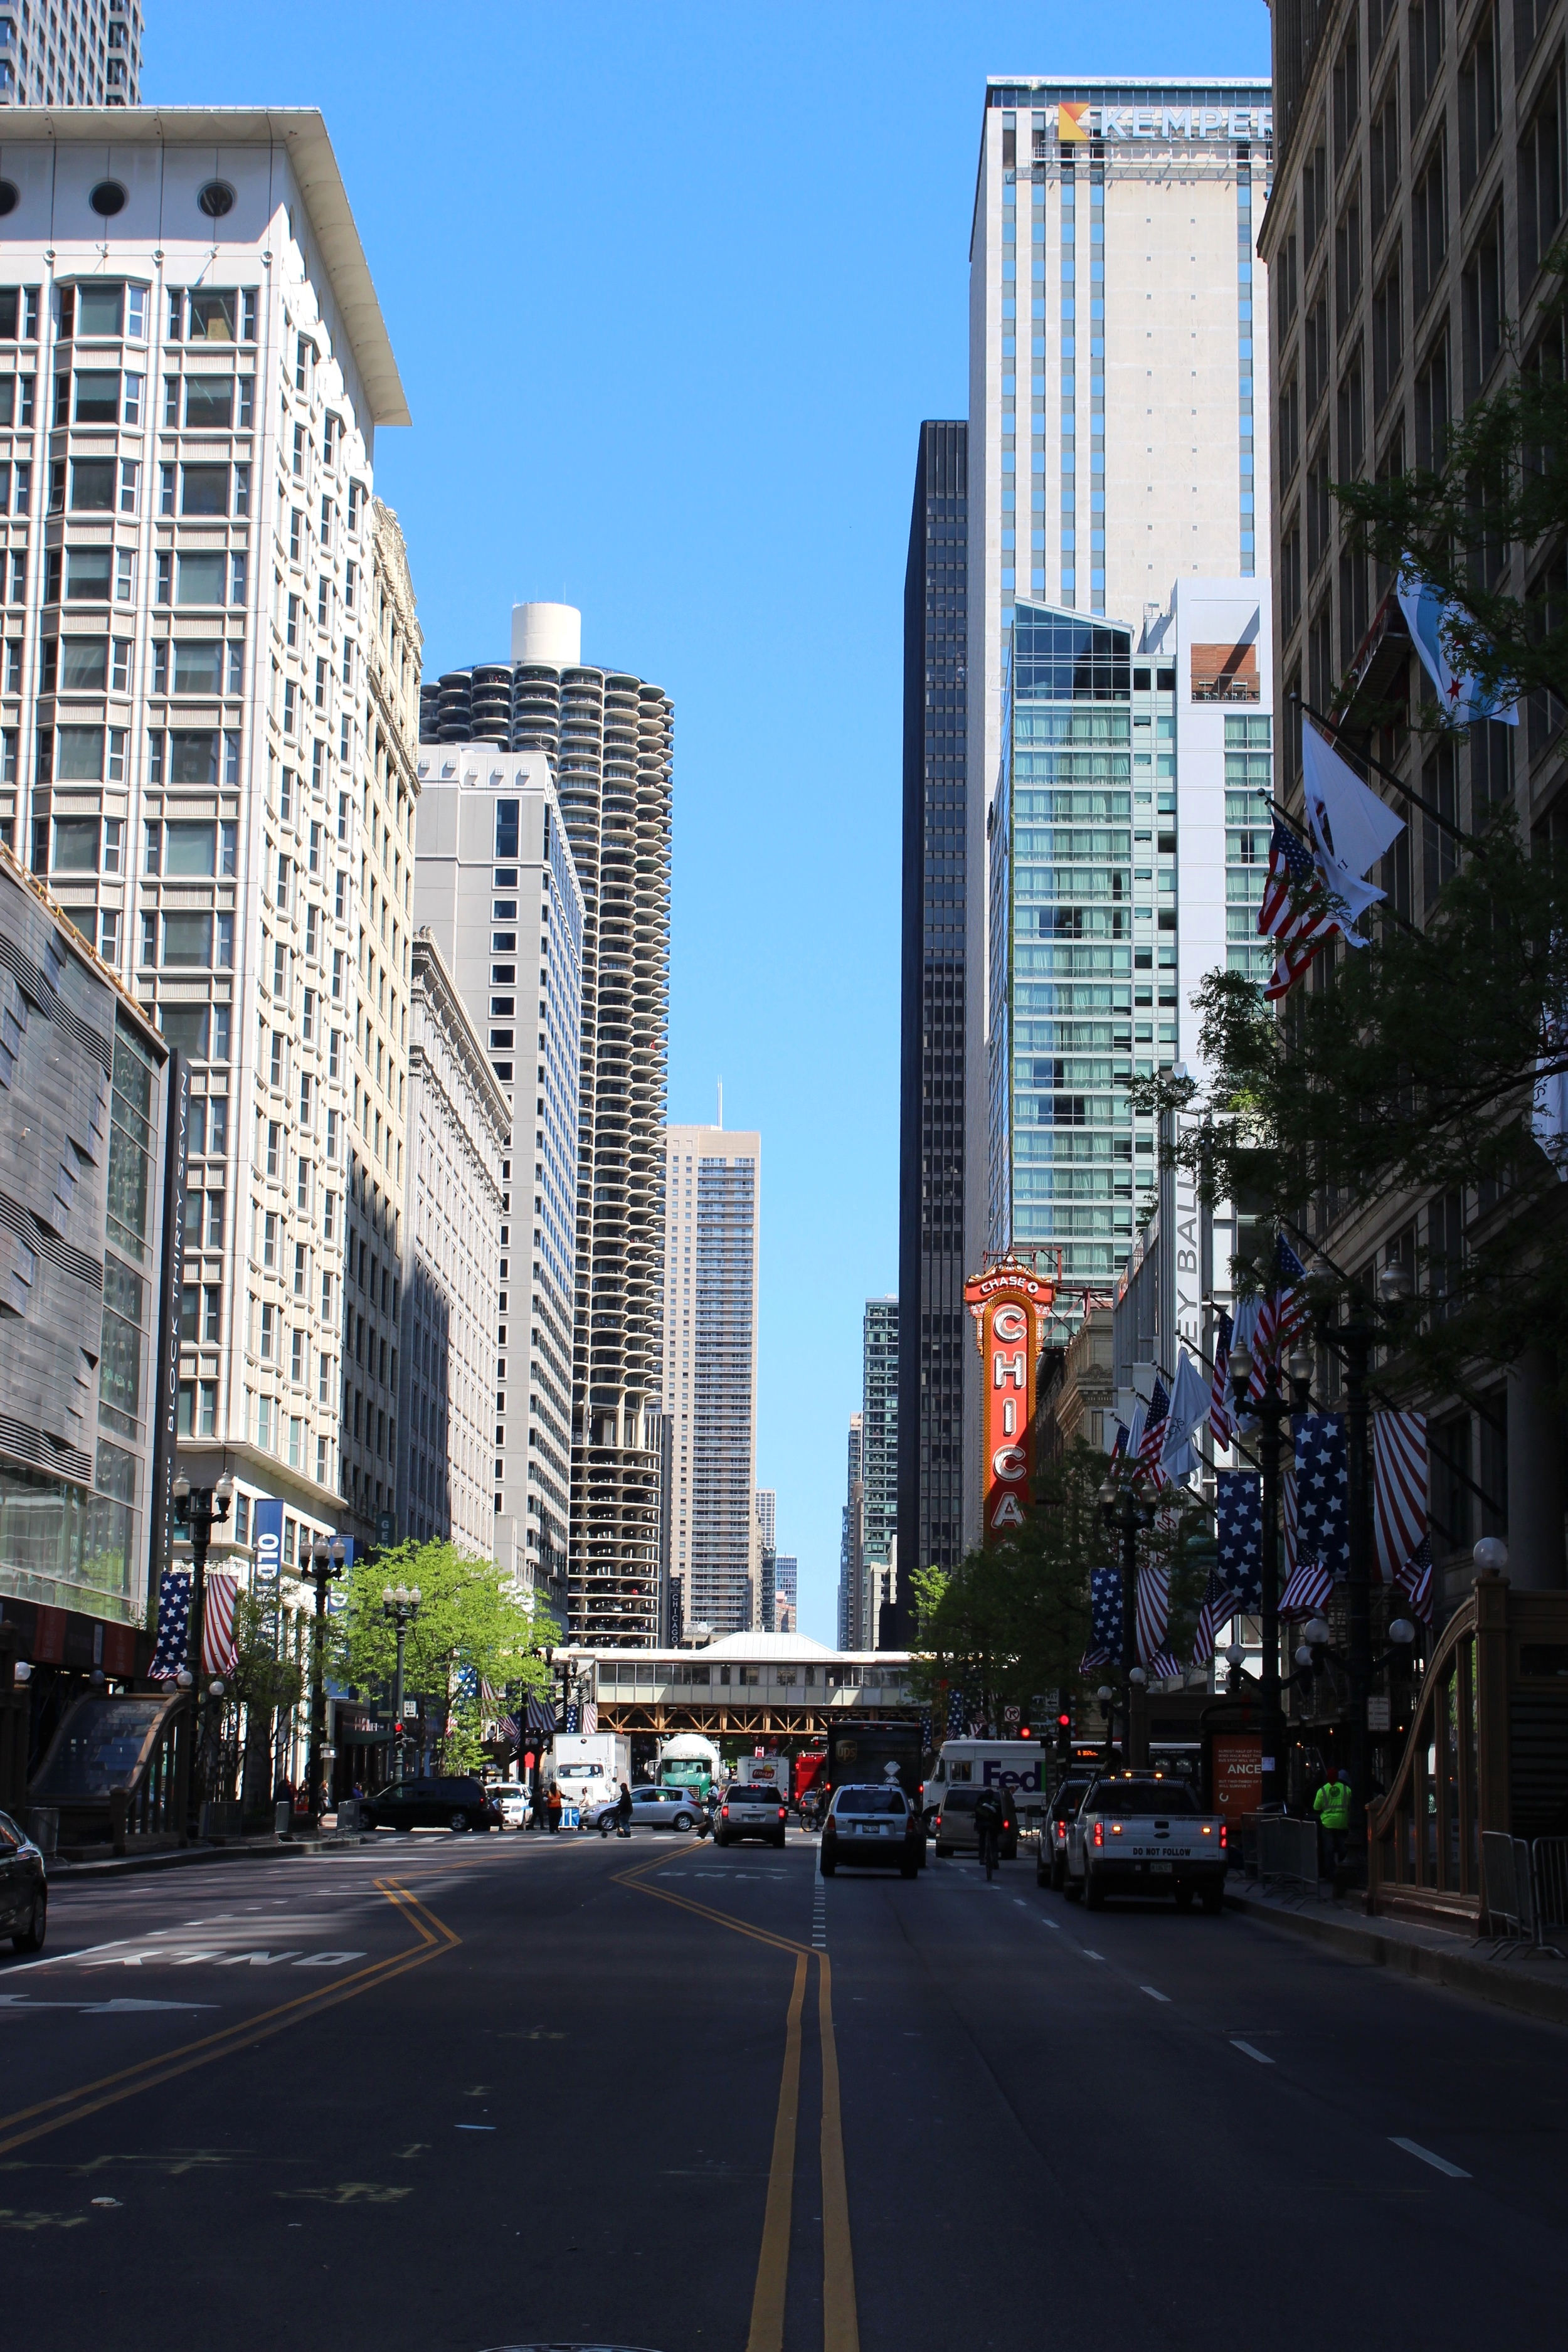 Het wereldberoemde CHICAGO-teken.